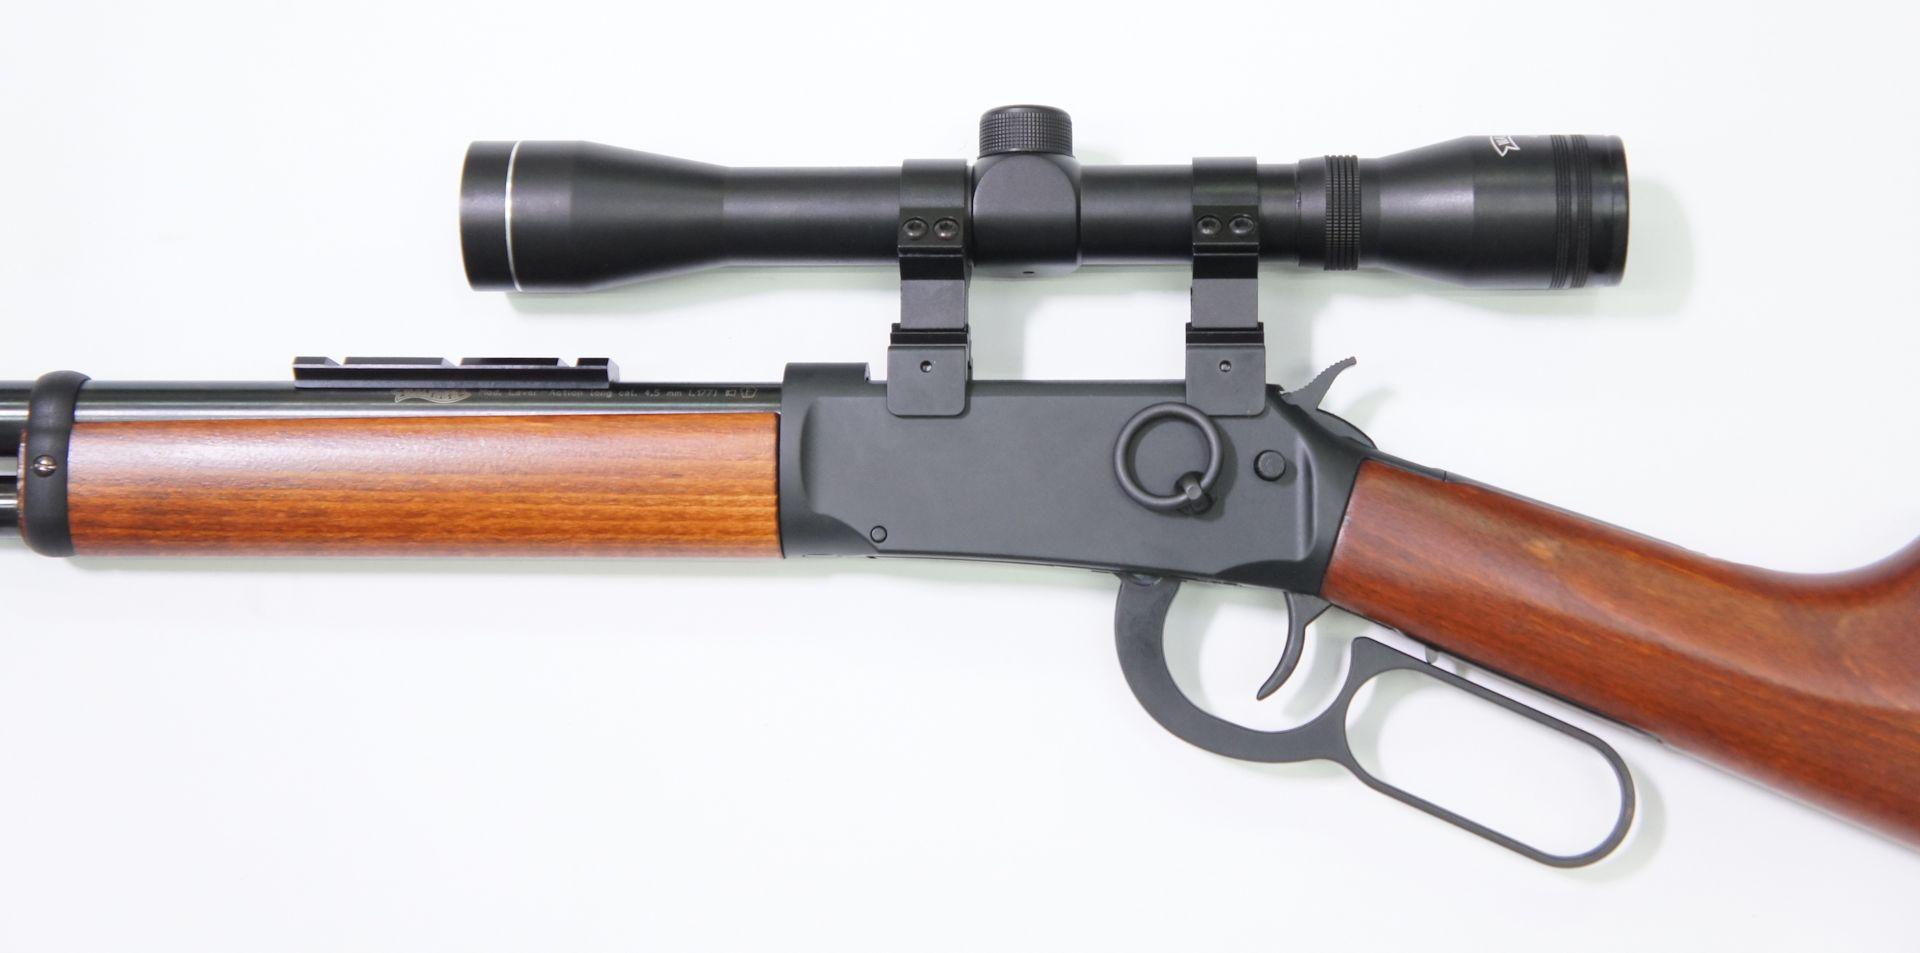 Montagebeispiel mit <a href=1130132.htm>Zielfernrohr 4x32 der Marke Walther</a> am CO2 Gewehr Walther LeverAction